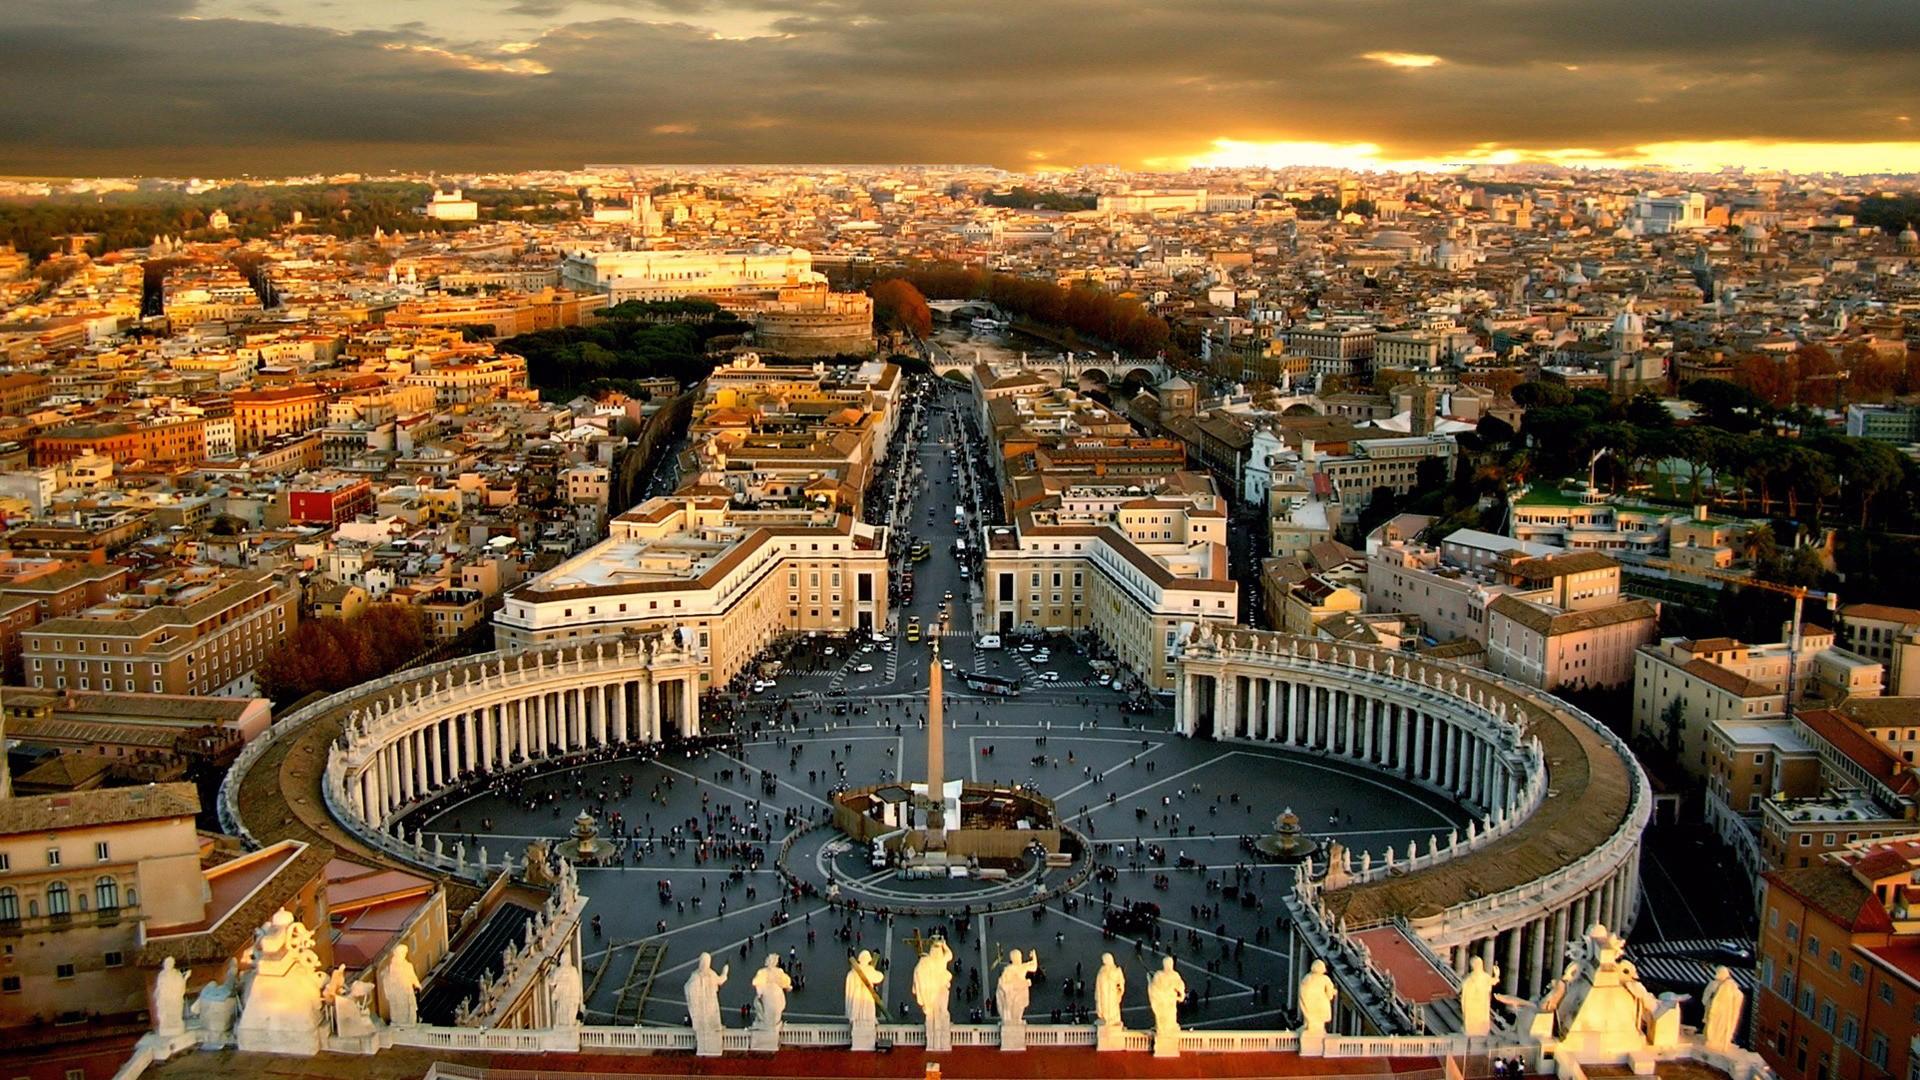 圣彼得广场,这上面的每一个雕像都价值不菲,全部出于名家之手.